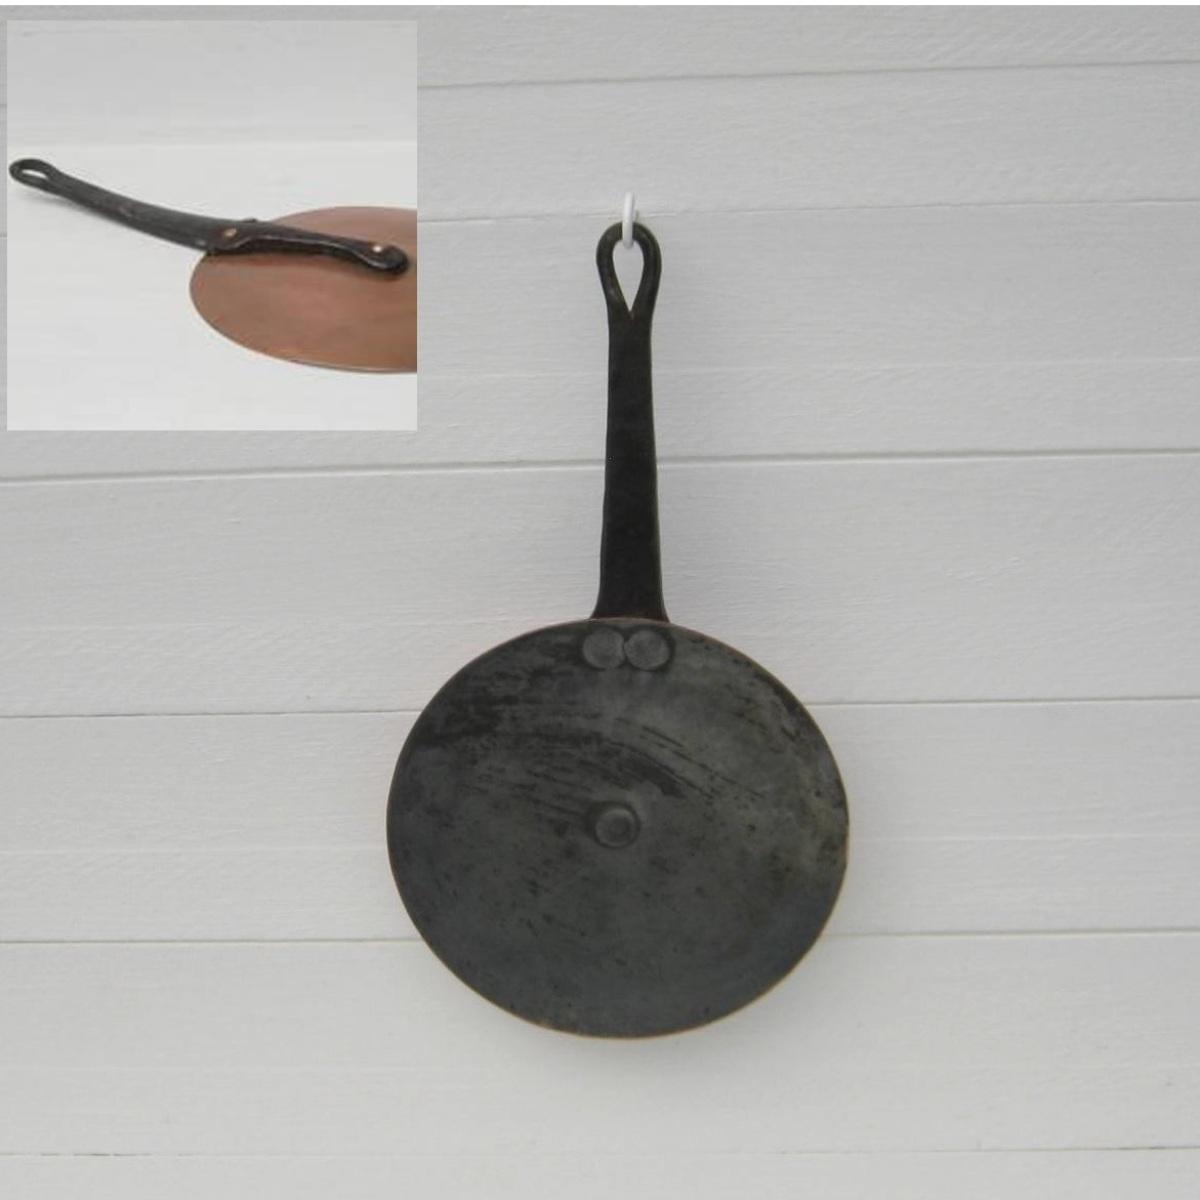 Ancien couvercle cuivre et fer forge diametre 18 5cm 1